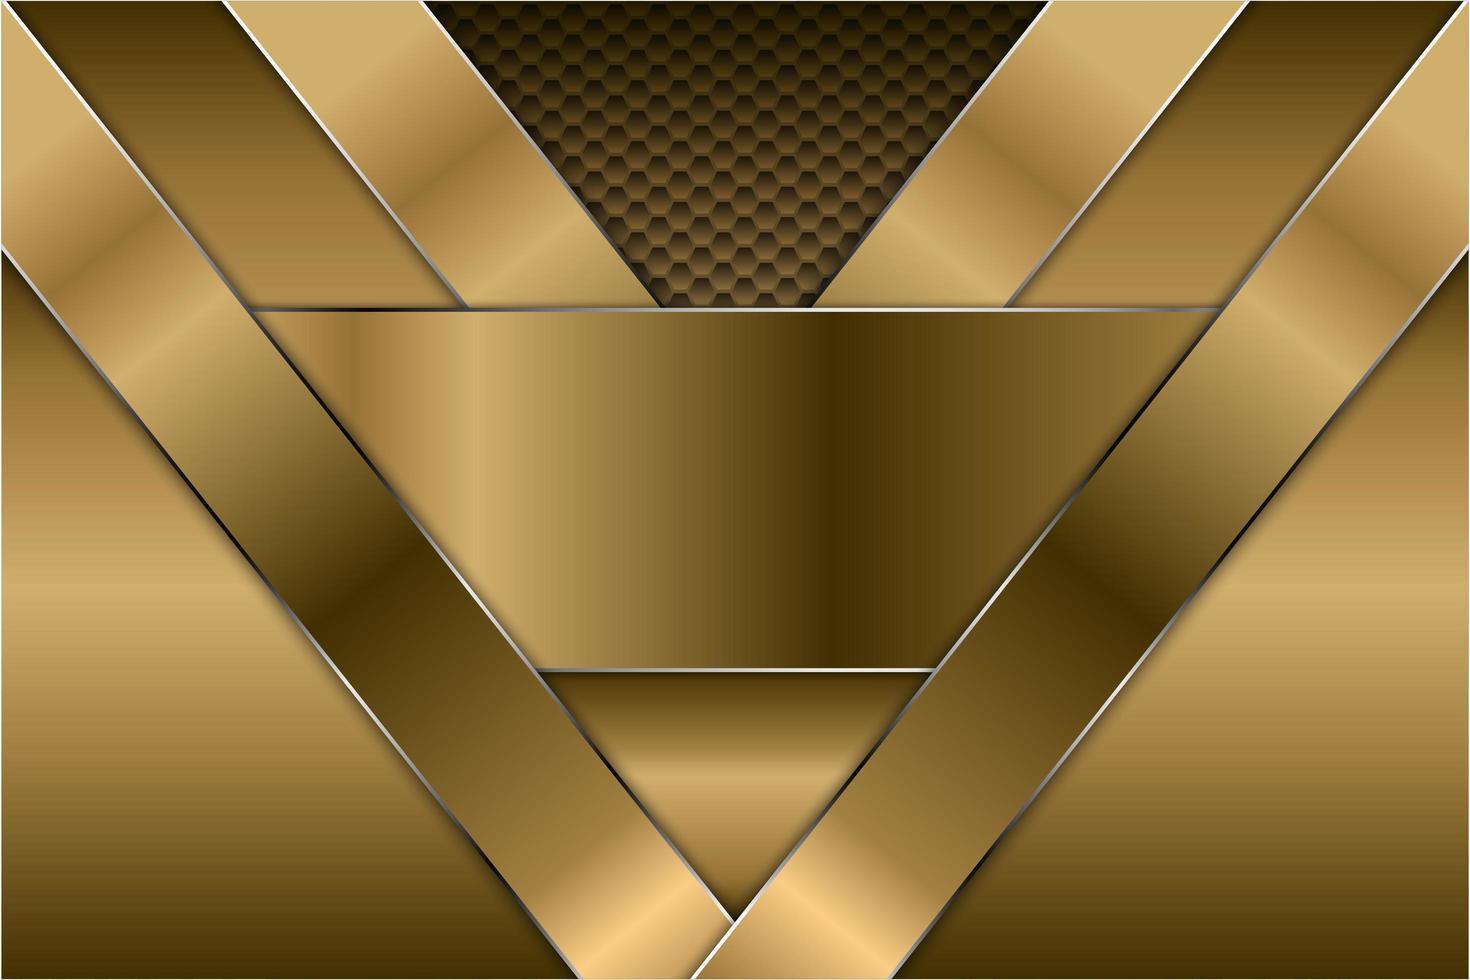 Goldmetallischer Hintergrund mit Sechseckmuster vektor